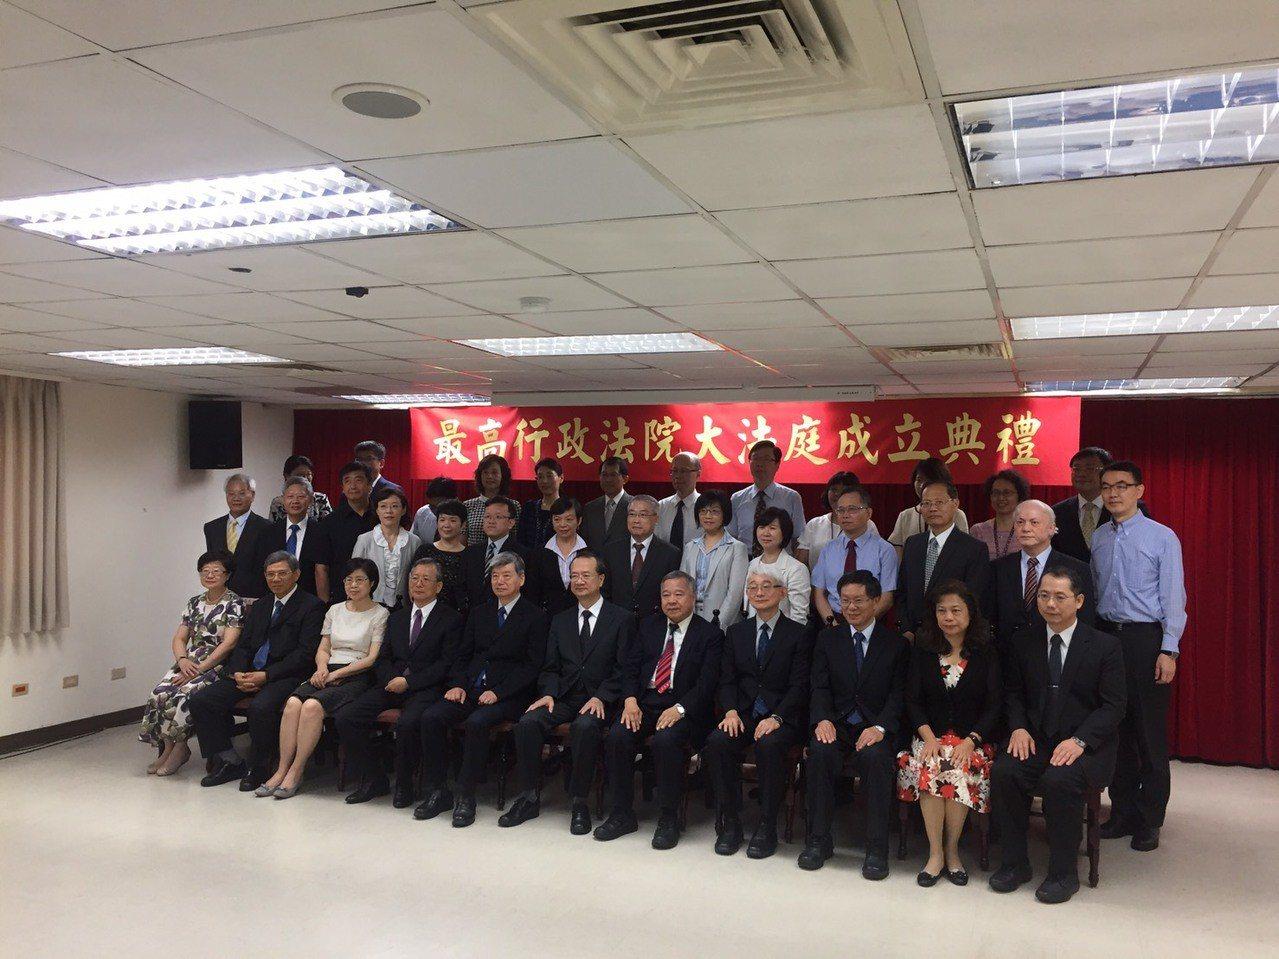 「大法庭制度」,最高行政法院今上午舉行大法庭成立典禮。記者賴佩璇/攝影